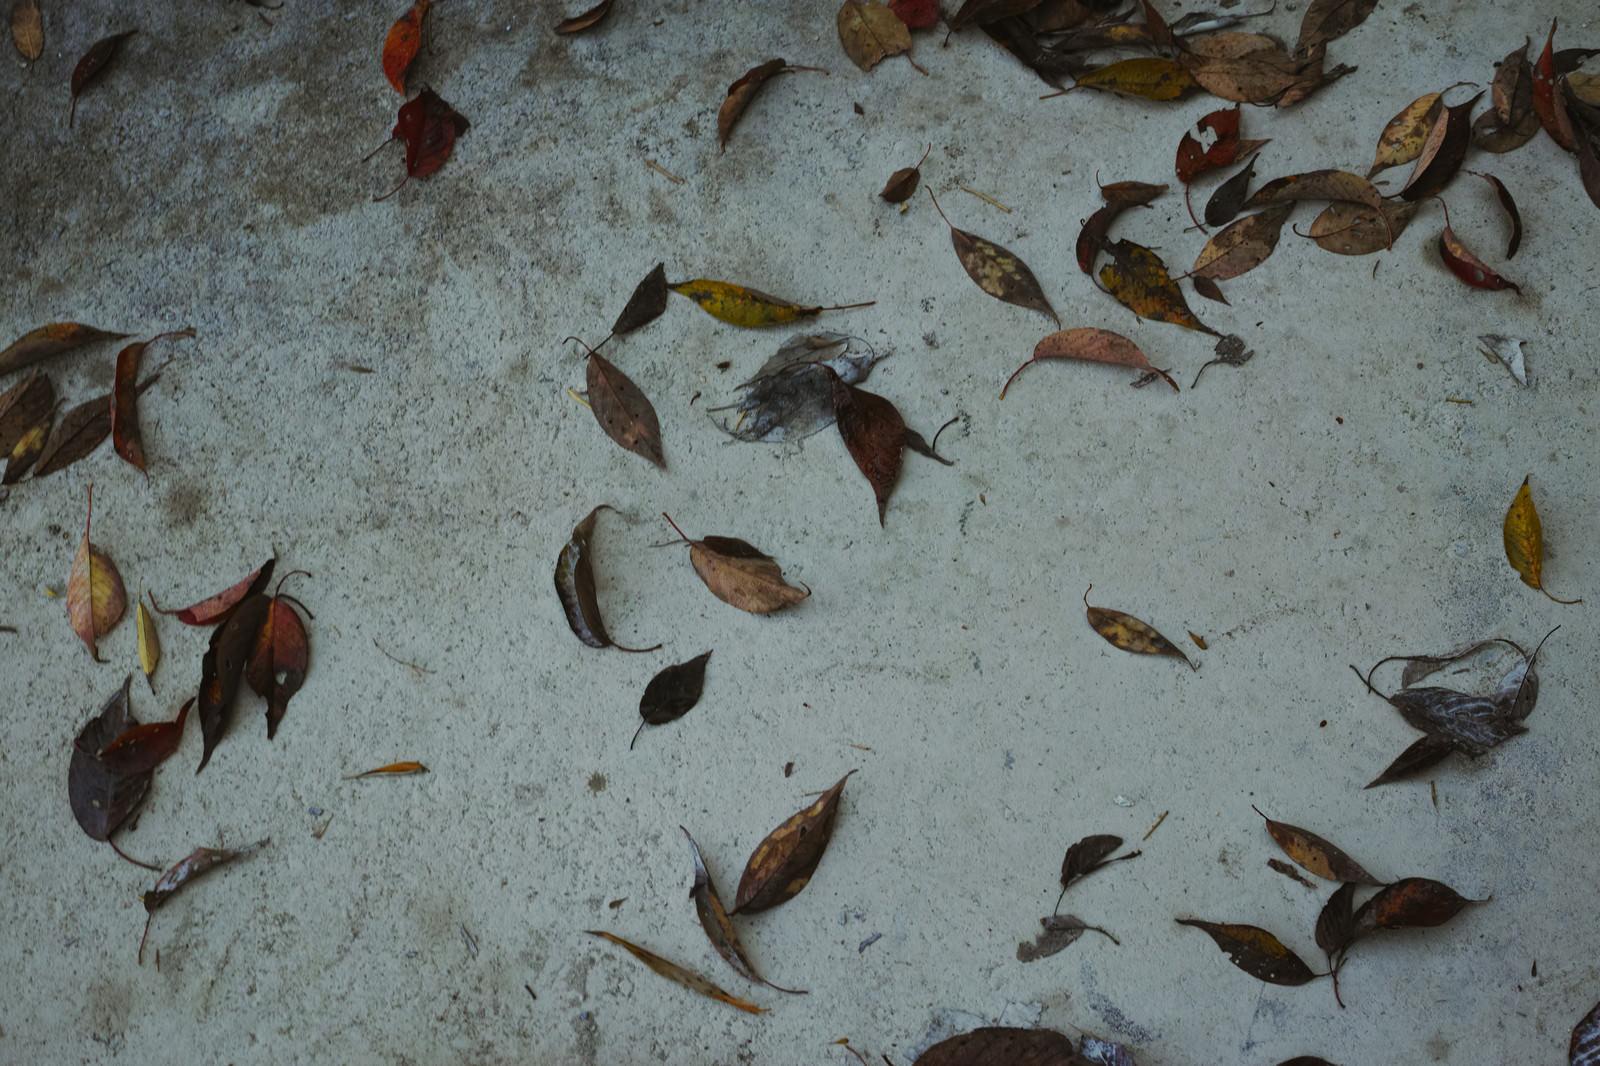 「コンクリートの地面に張り付いた落ち葉(テクスチャ)」の写真